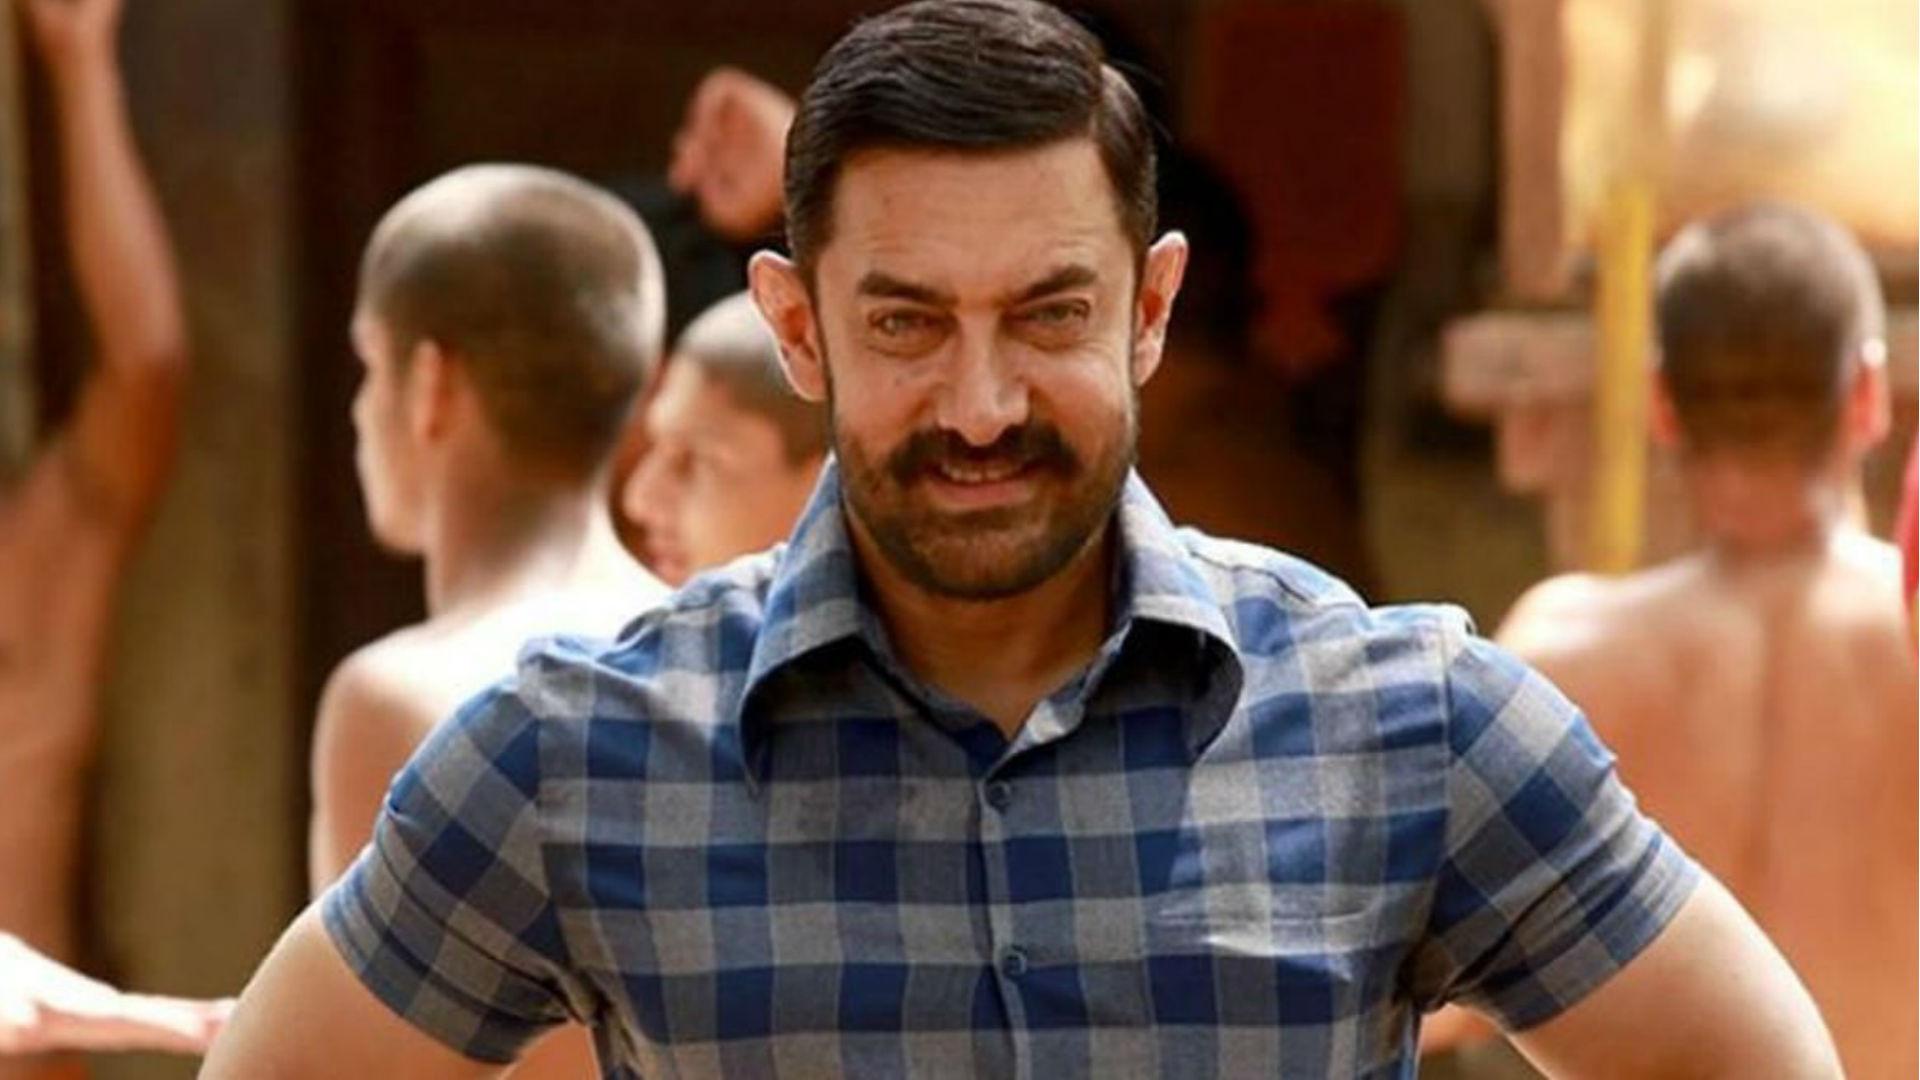 बॉलीवुड एक्टर आमिर खान ने बताया अपना फ्यूचर प्लान, कहा- इस दिन एक्टिंग करना छोड़ दूंगा, फिर करूंगा ये काम